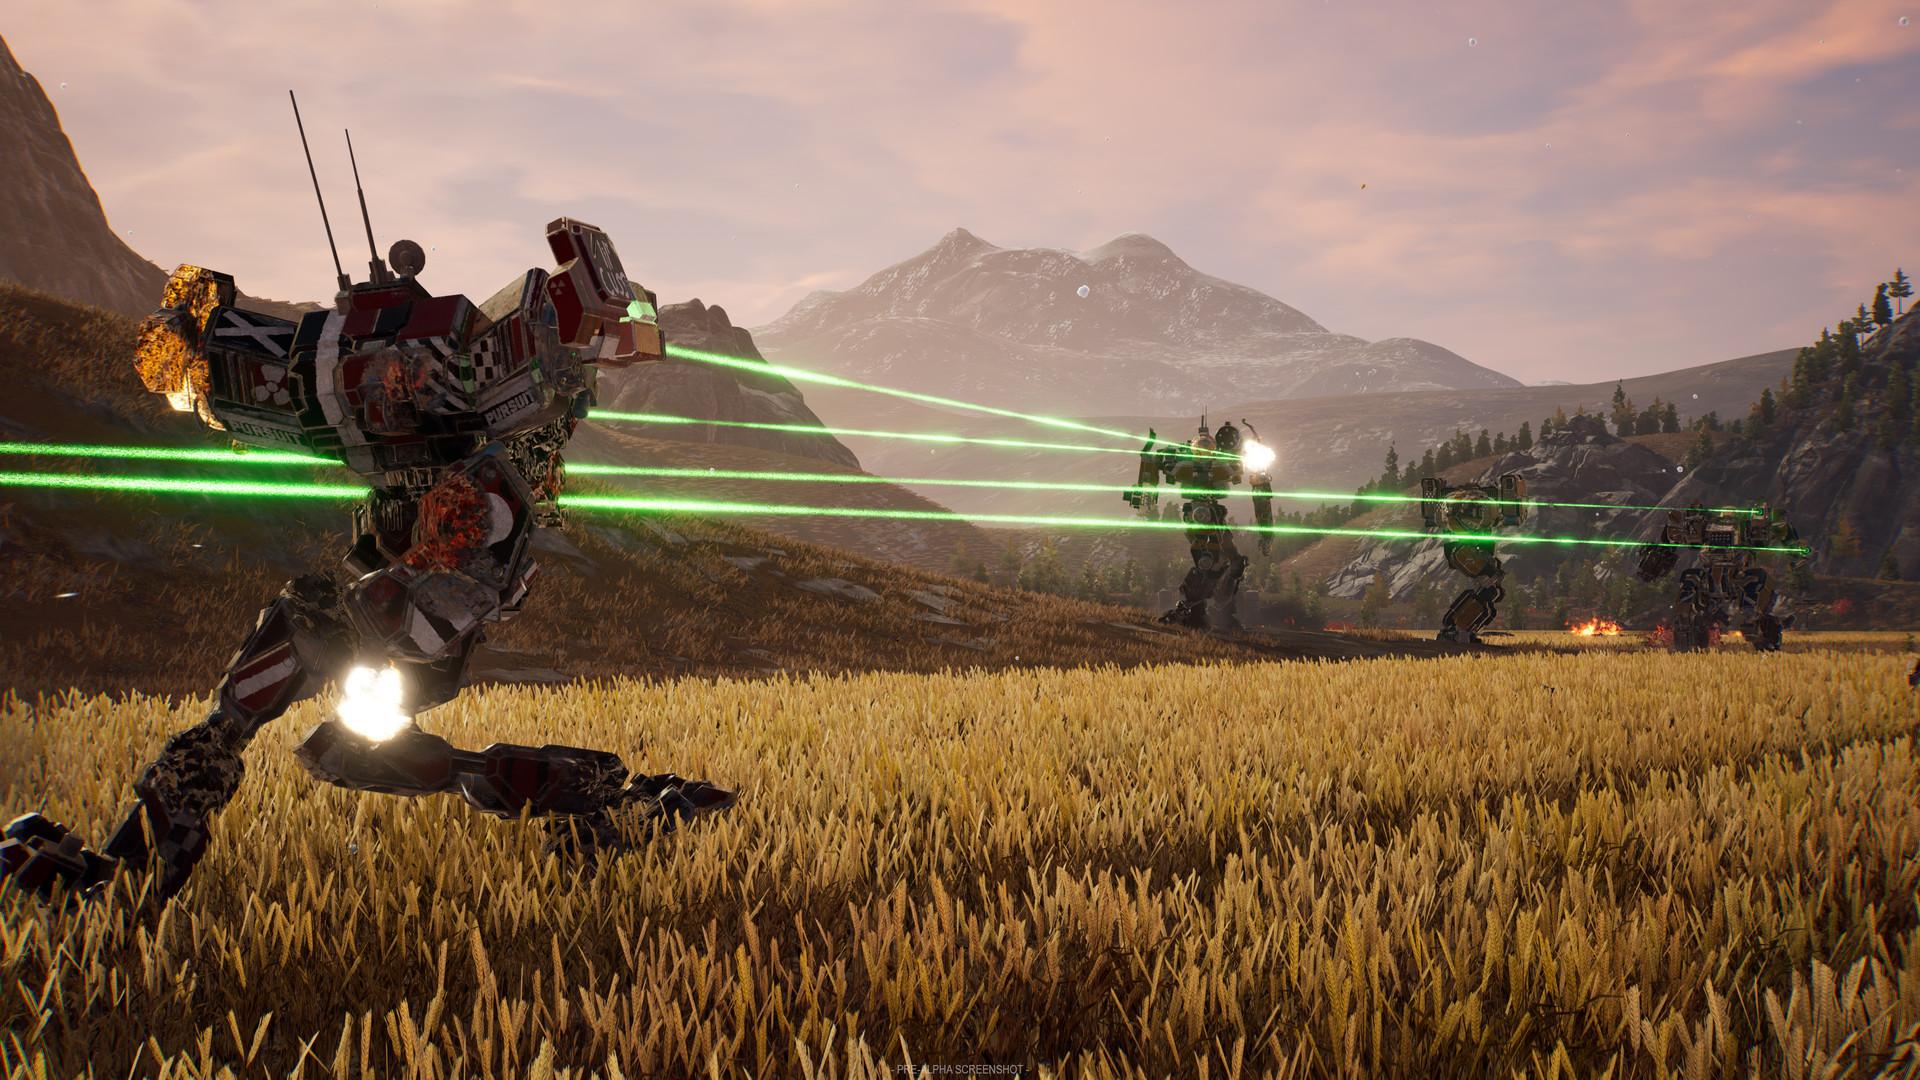 Epic独占即将结束 《机甲战士5:雇佣兵》Steam上架